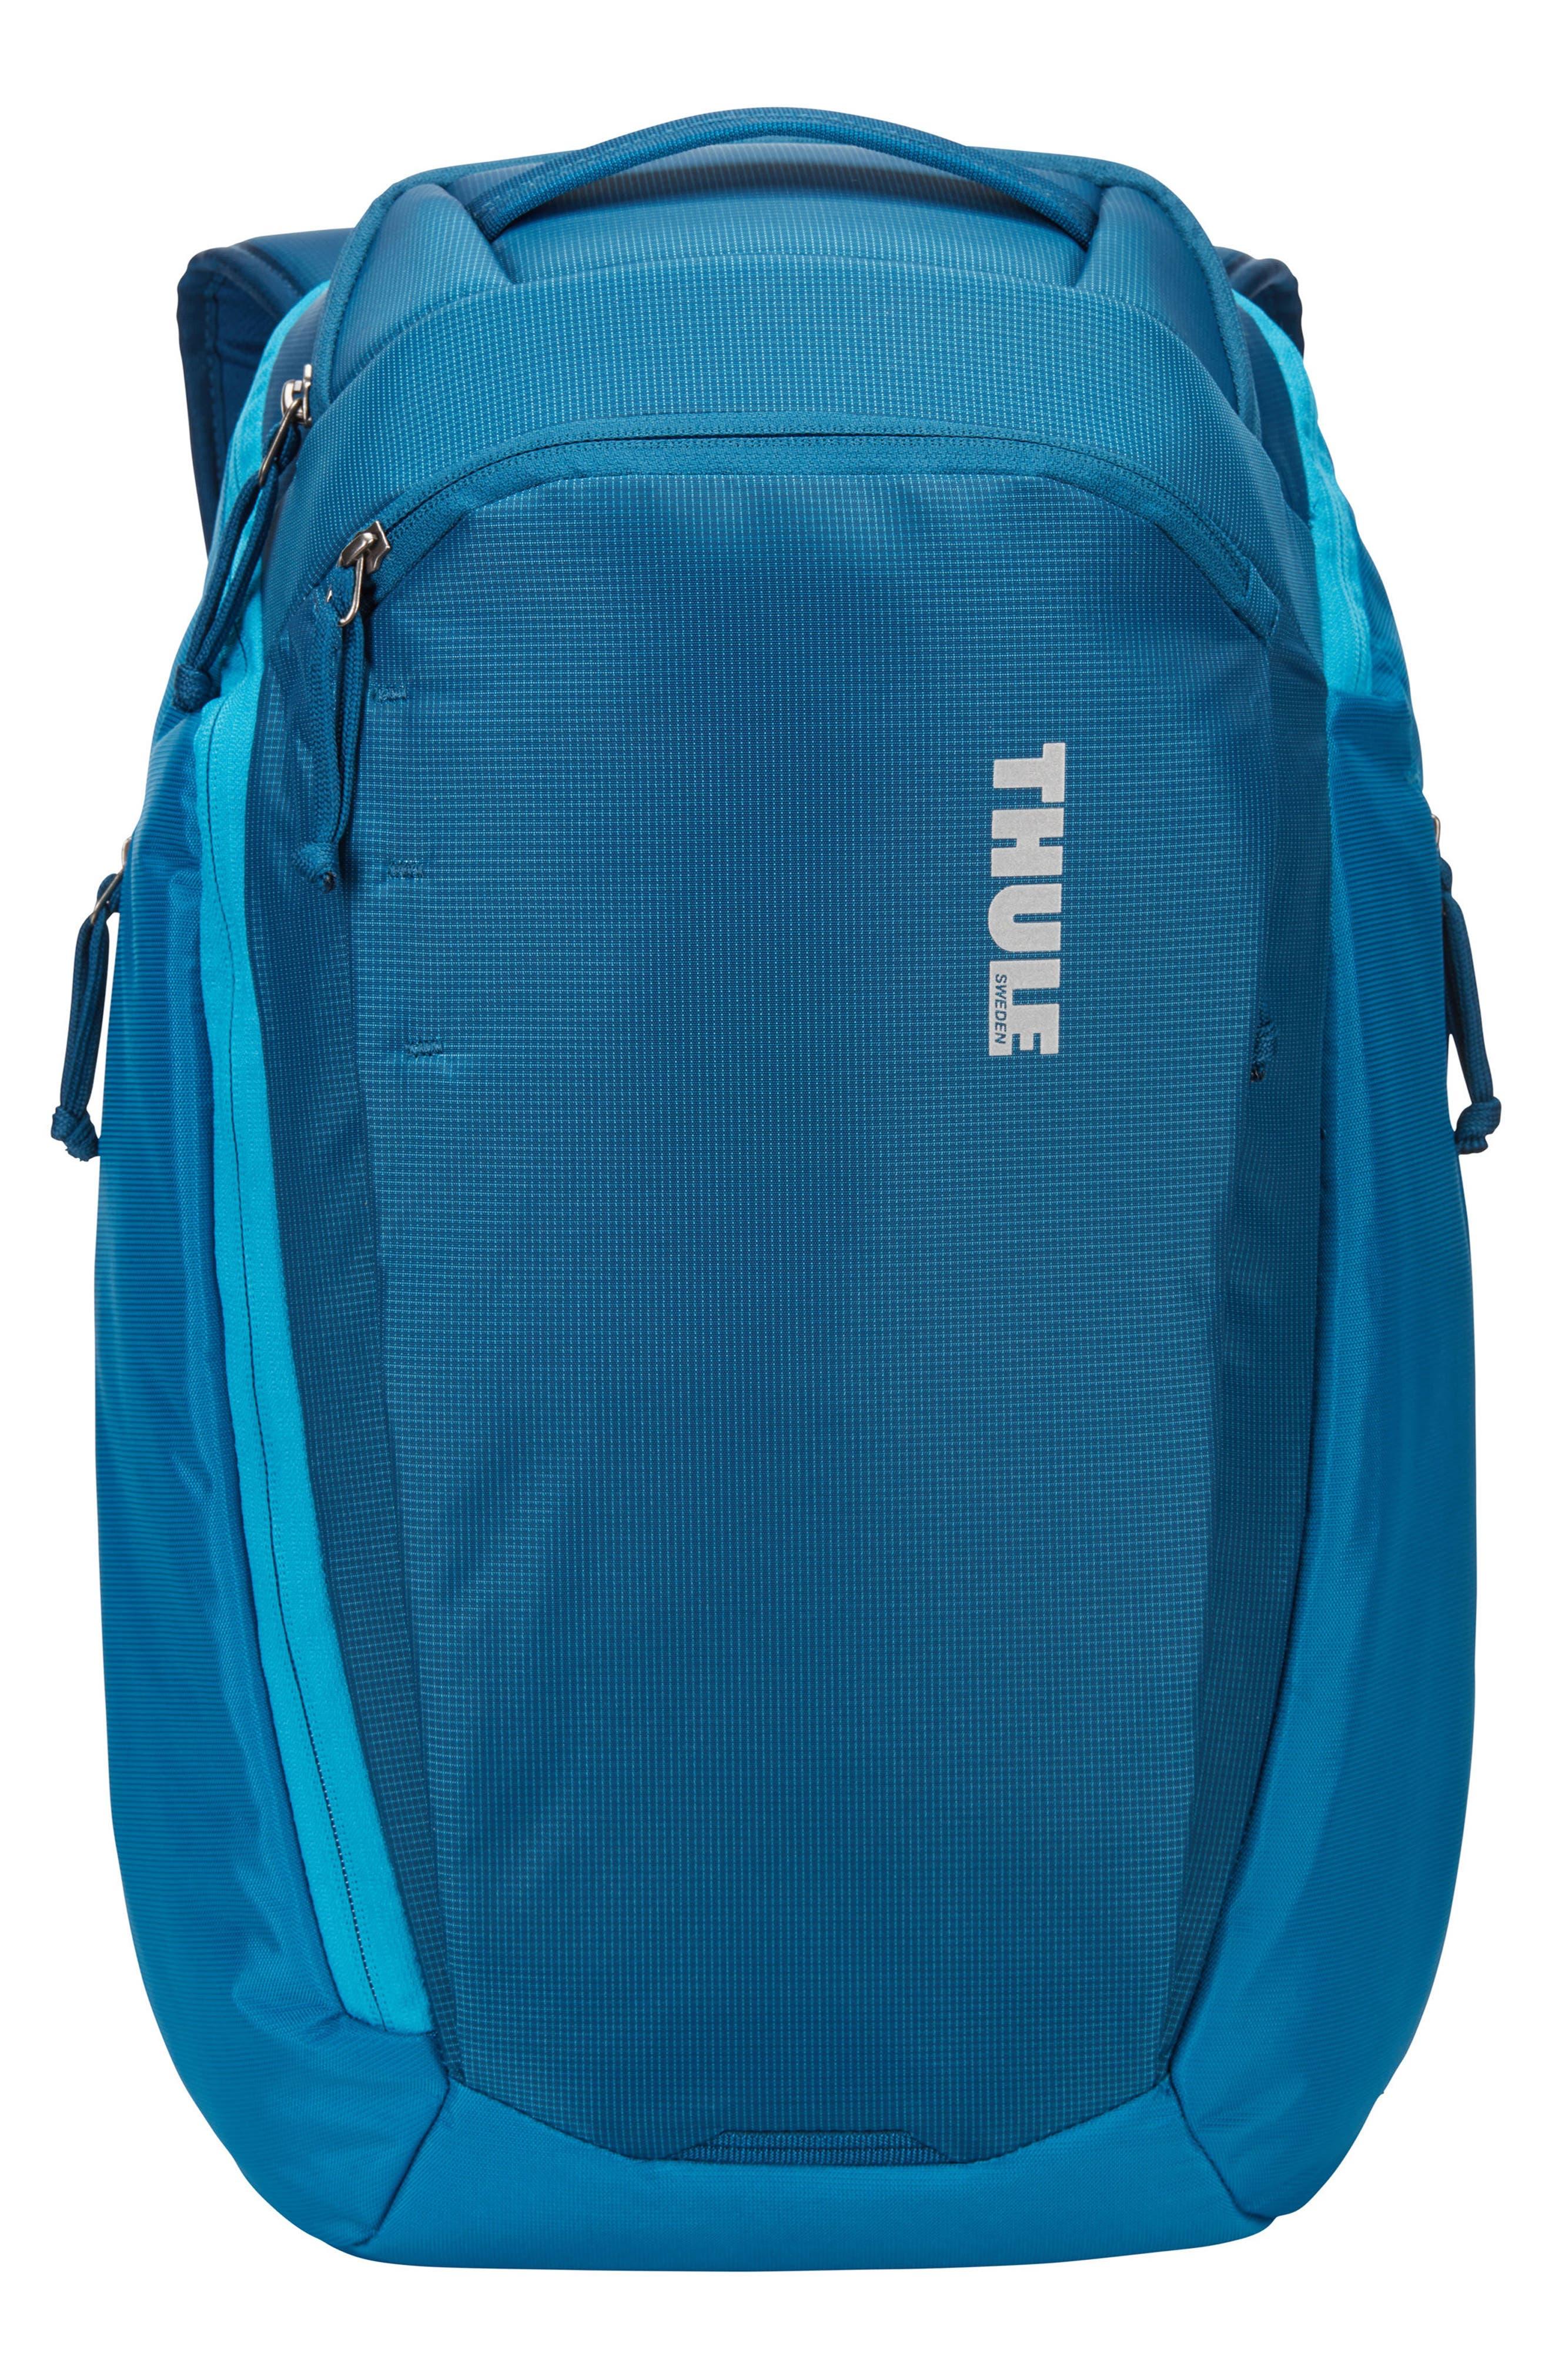 EnRoute Backpack,                             Main thumbnail 1, color,                             POSEIDON